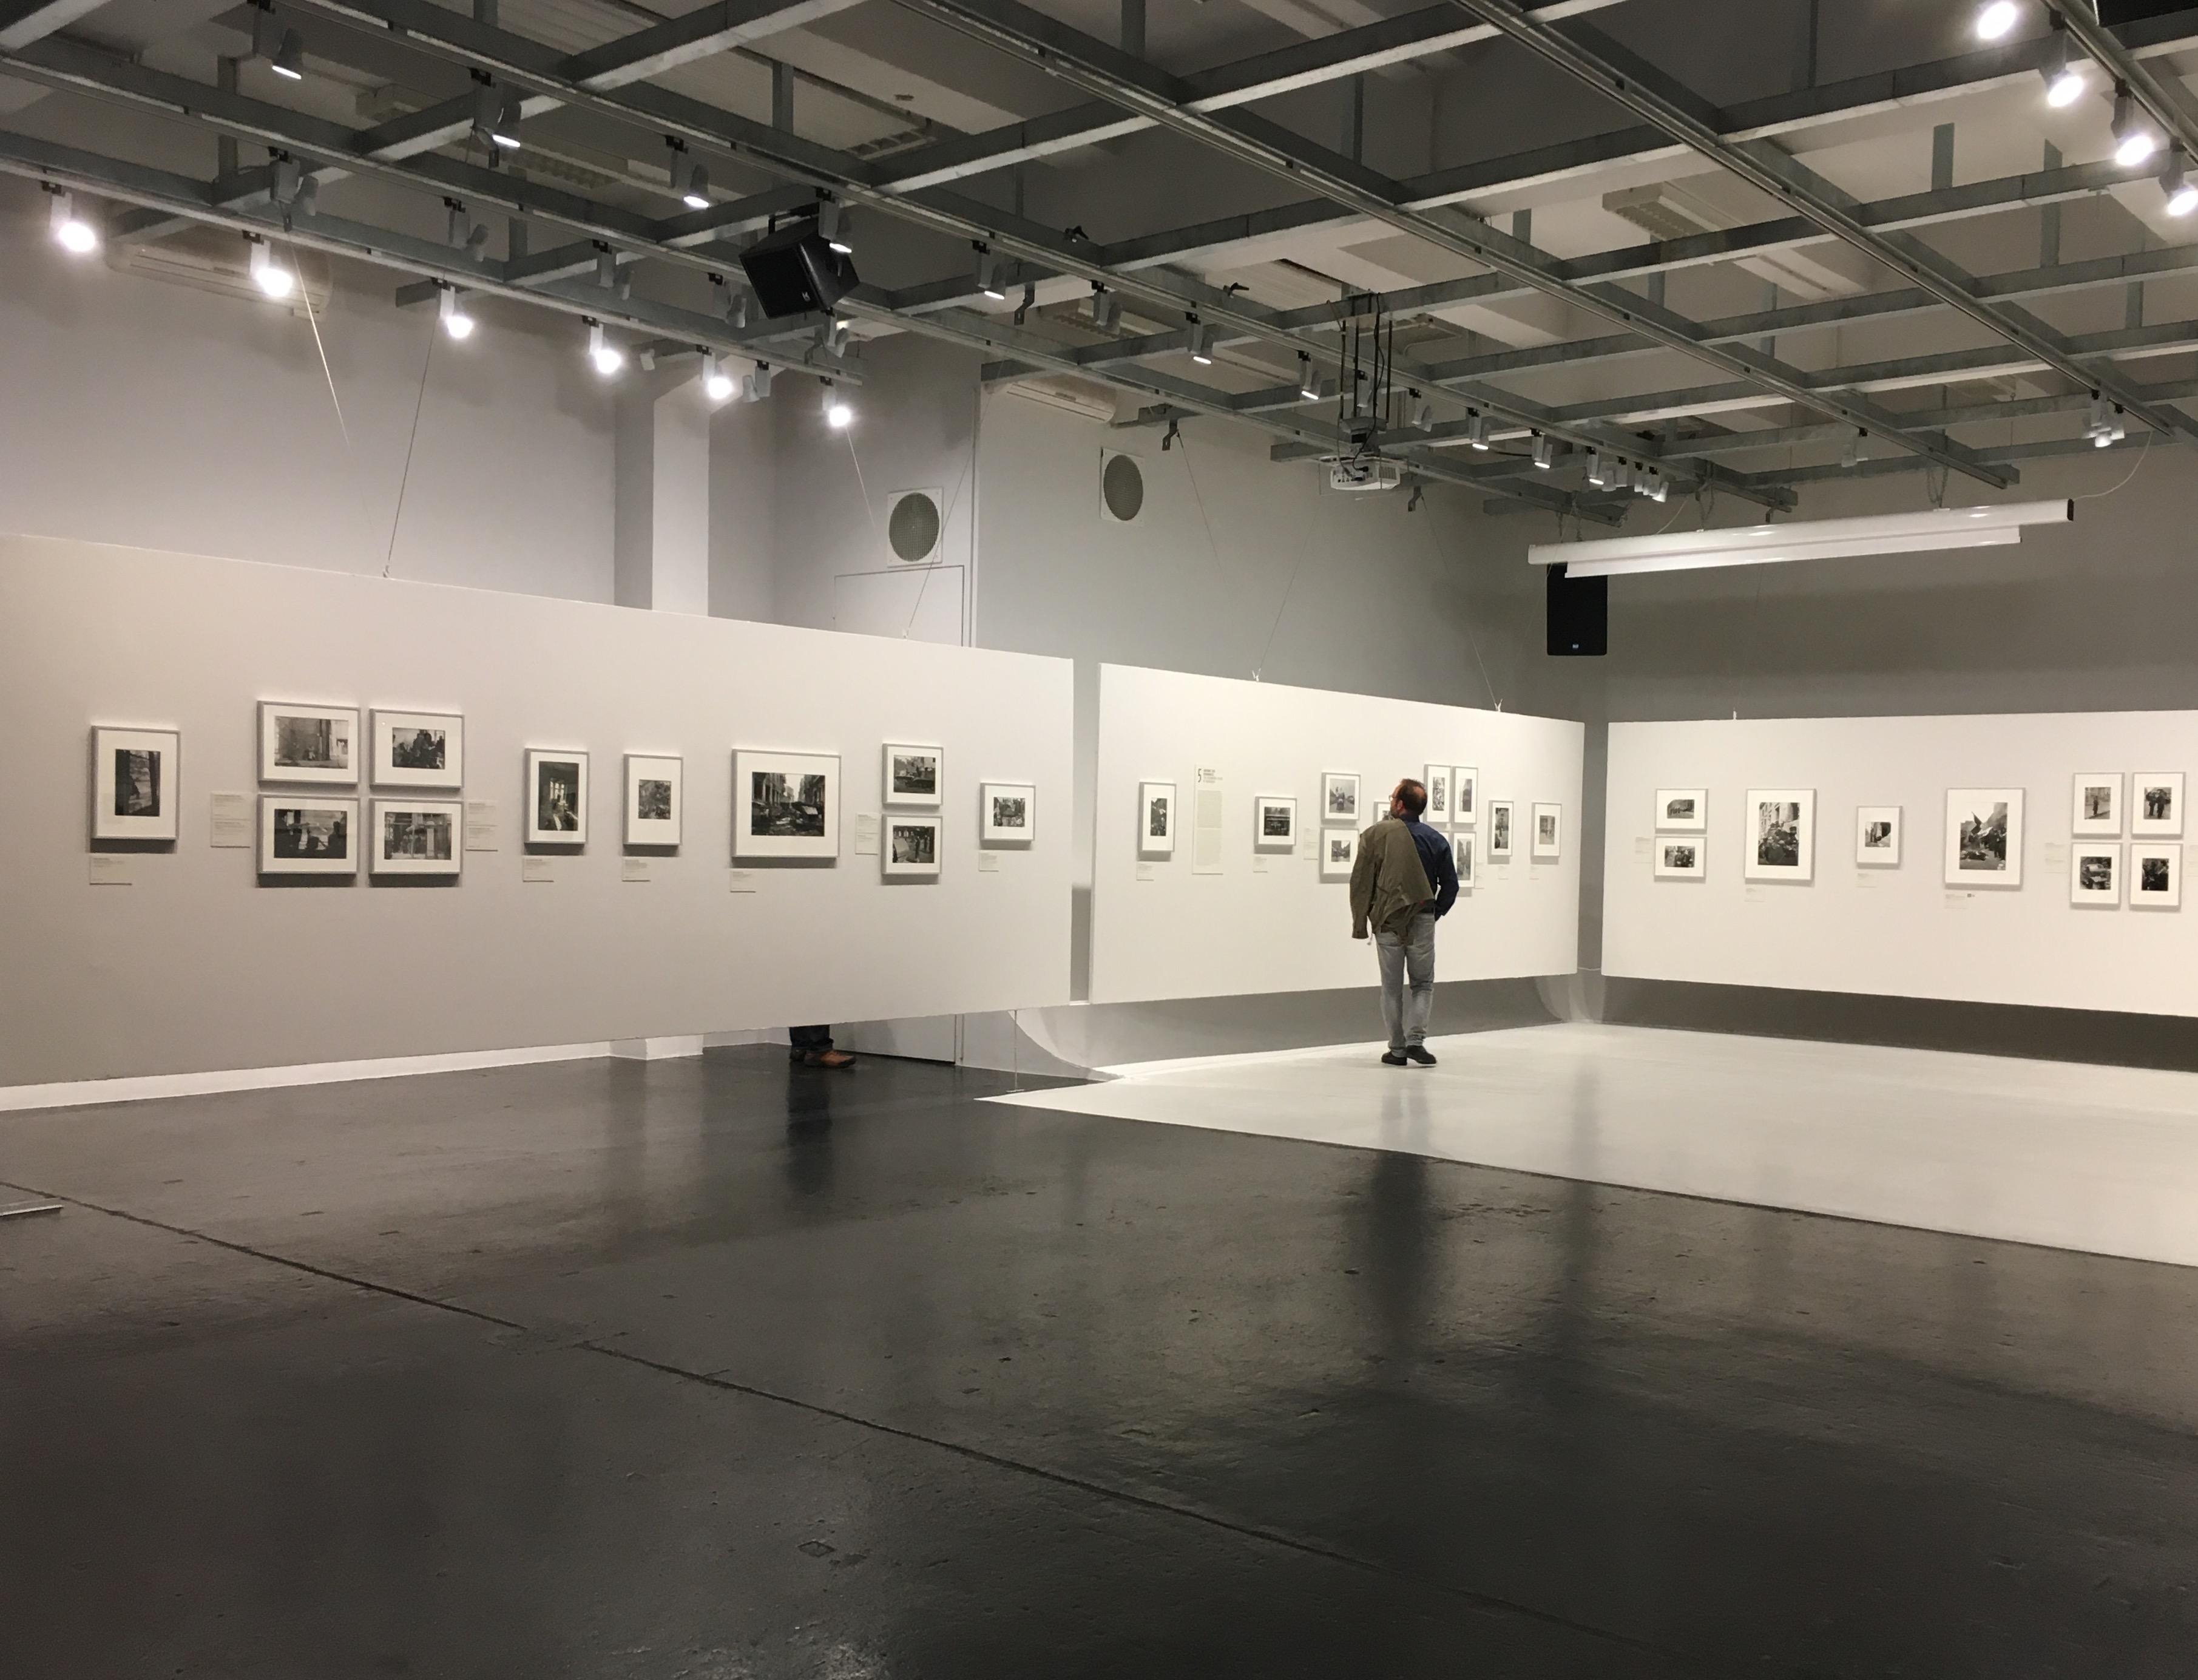 Kiállításbelső (Fotó: Fényerő Blog)